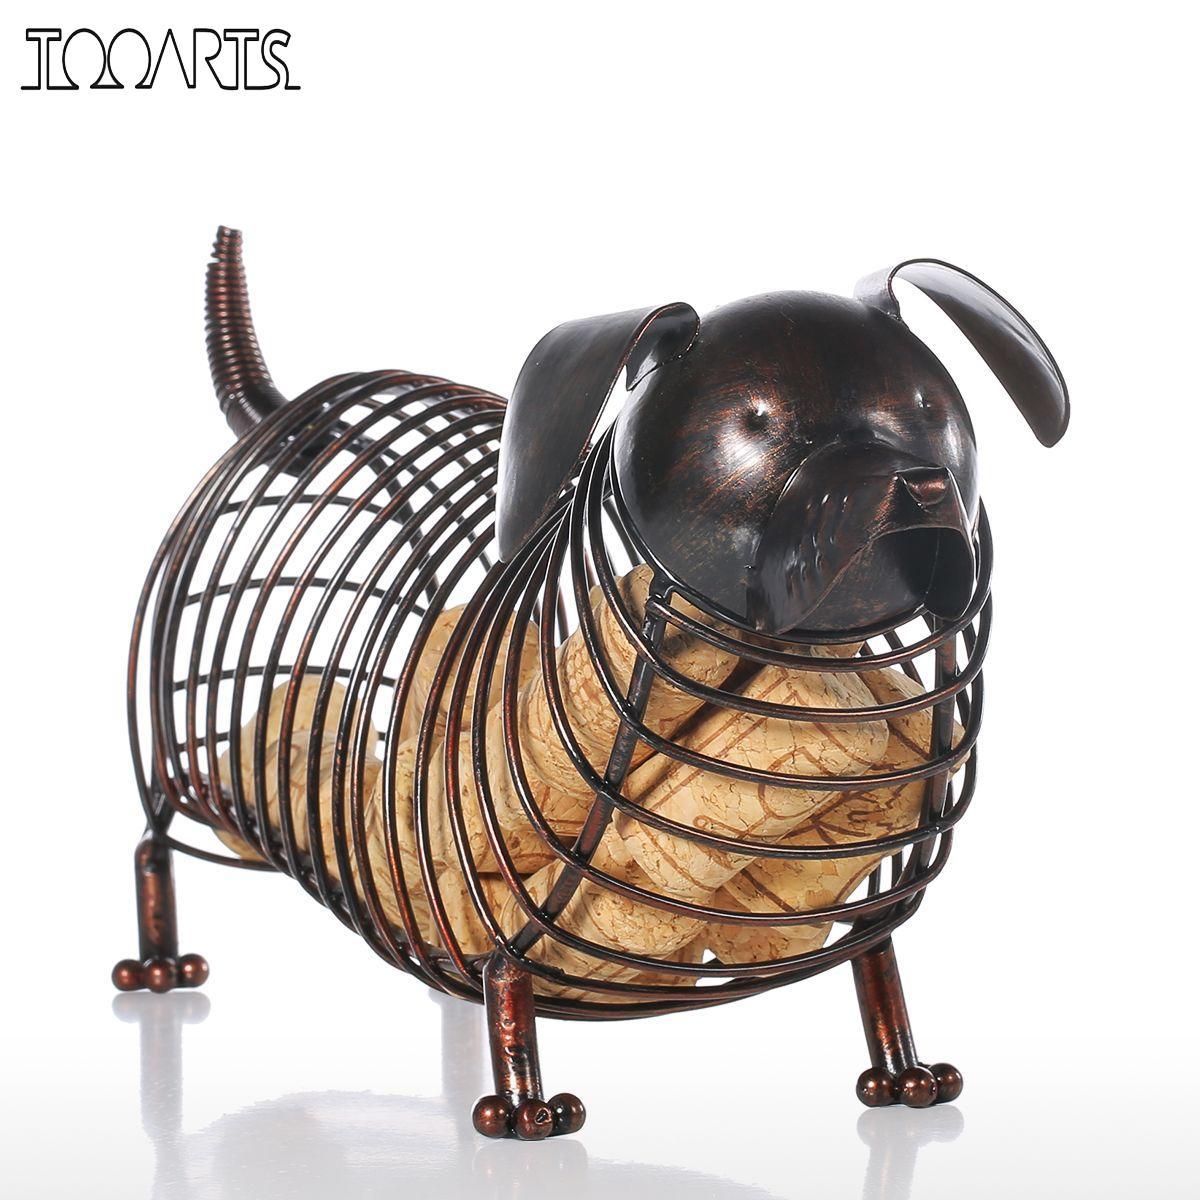 Tooarts Metall Tier Figuren Dackel Wein Kork Container Moderne Künstliche Eisen Handwerk Hause Dekoration Zubehör Geschenk